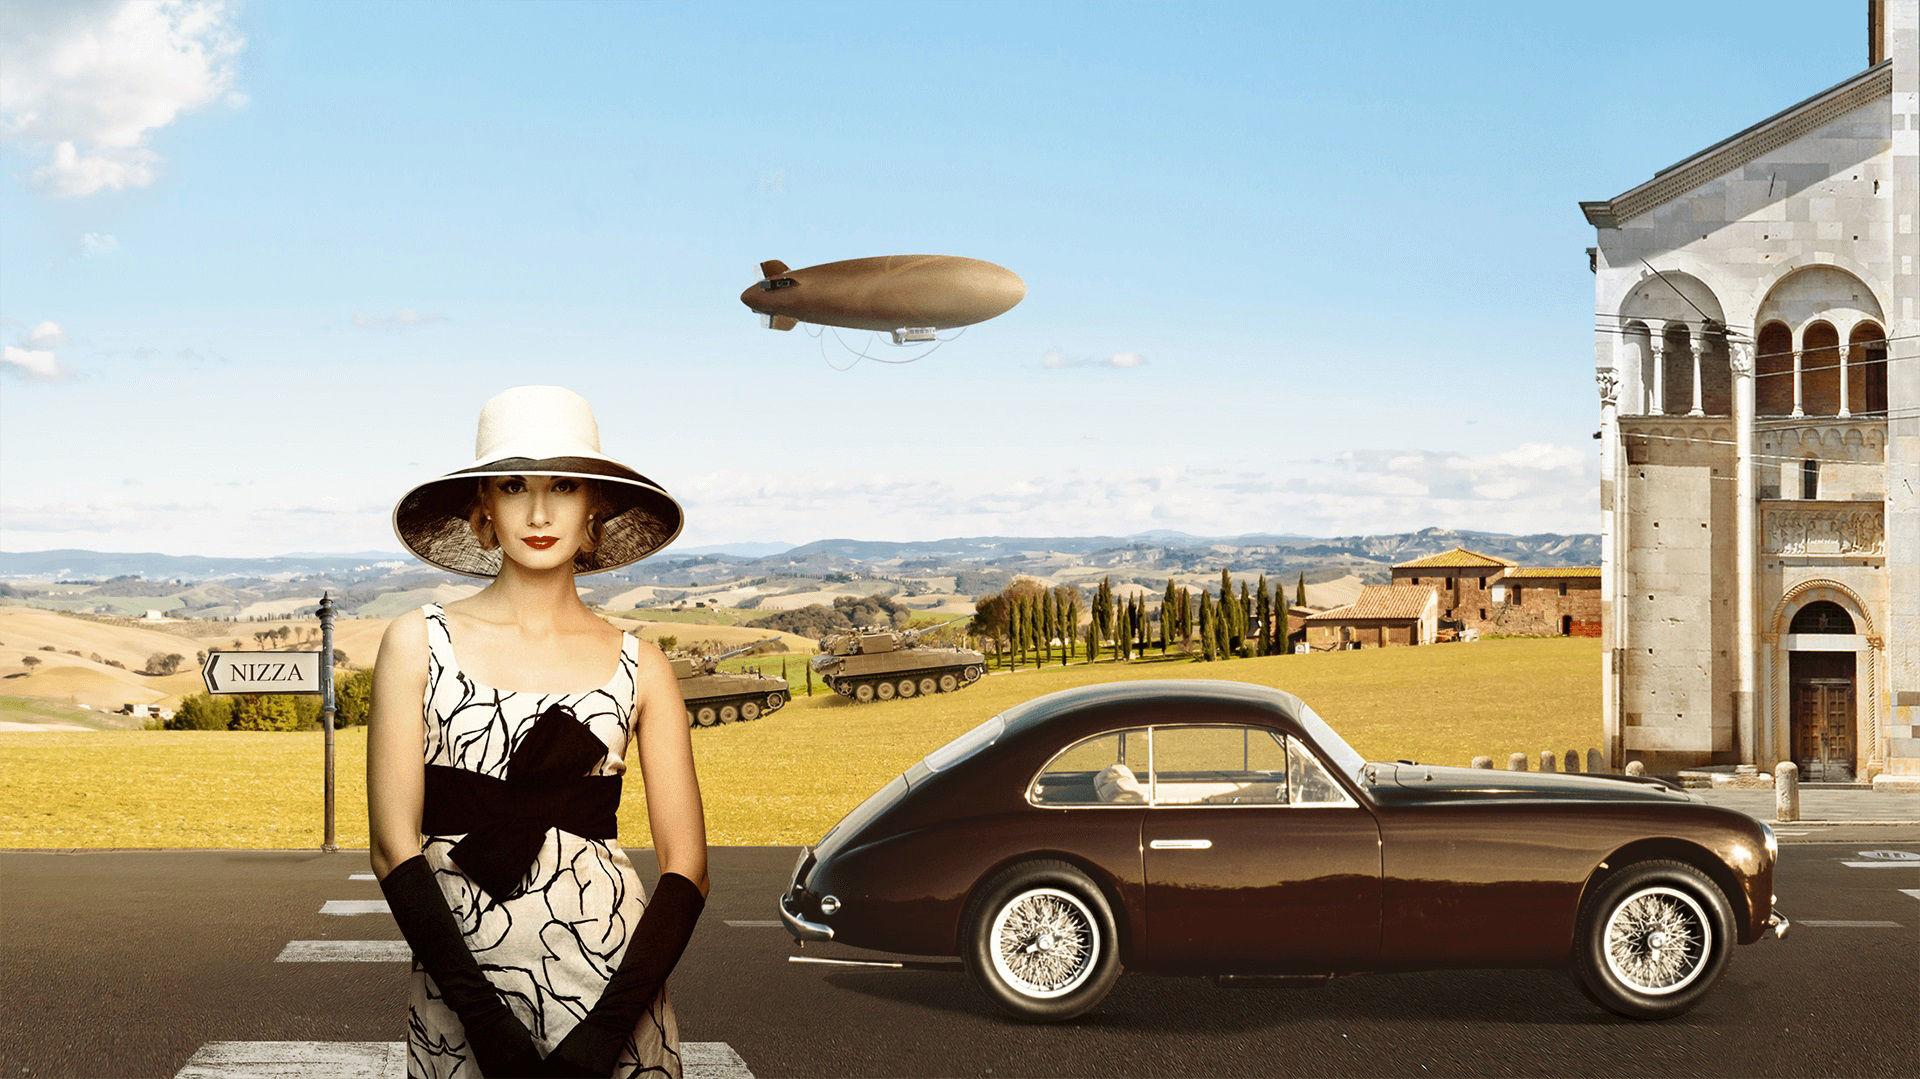 Storia di Maserati - 1940: Maserati A6 1500 in un tipico paesaggio italiano